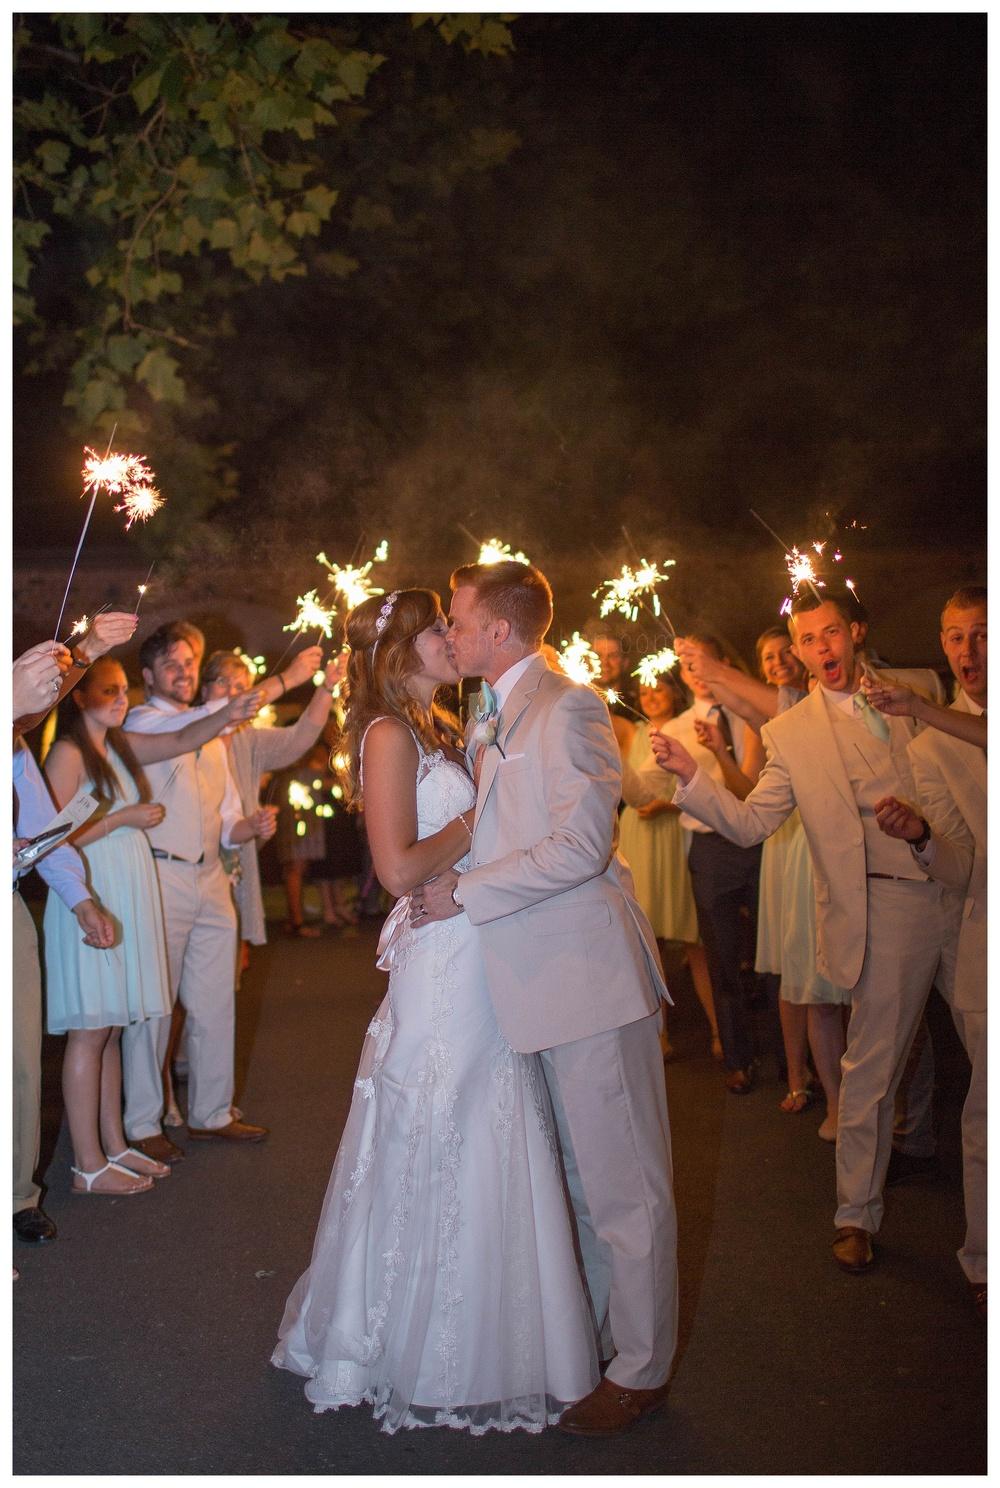 Sparklet Exit || Nassau Valley Vineyard Wedding || Lewes, DE Wedding || Vineyard Wedding || Ashley Eiban Photography || www.ashleyeiban.com